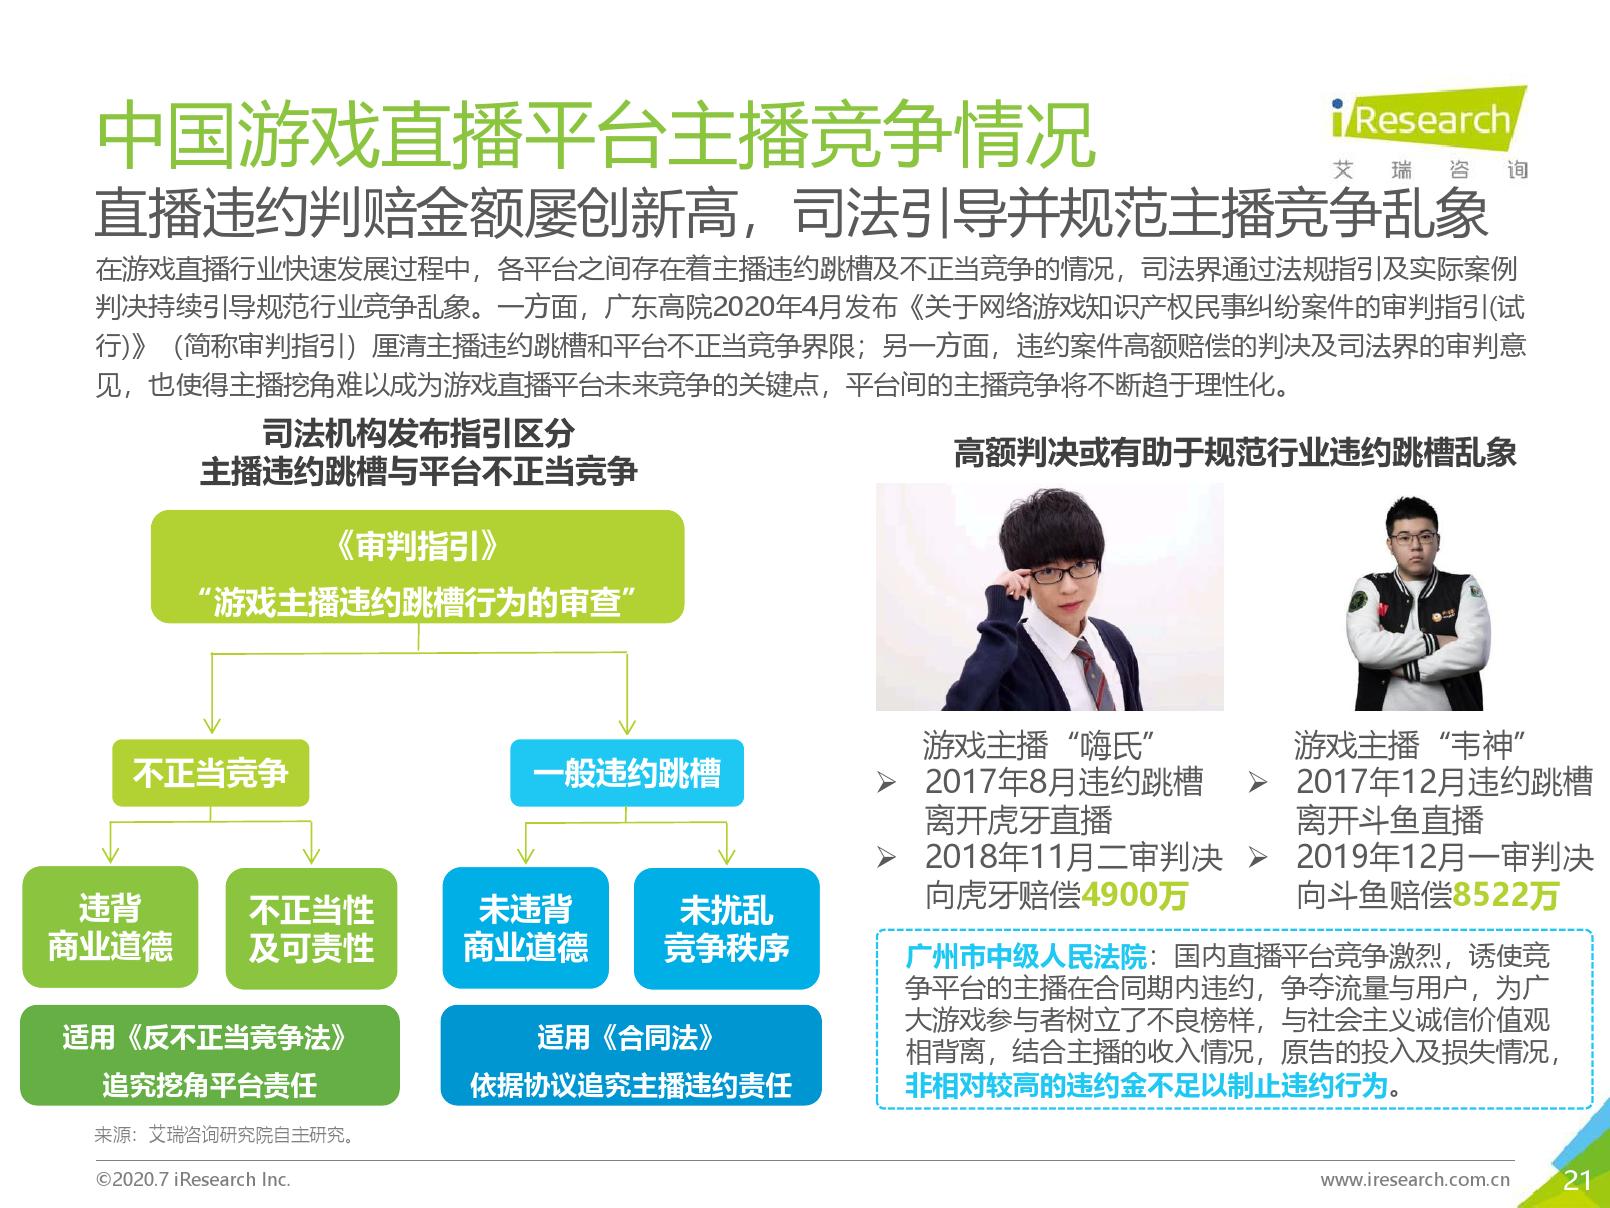 艾瑞咨询:2020年中国游戏直播行业研究报告(可下载报告)插图(41)